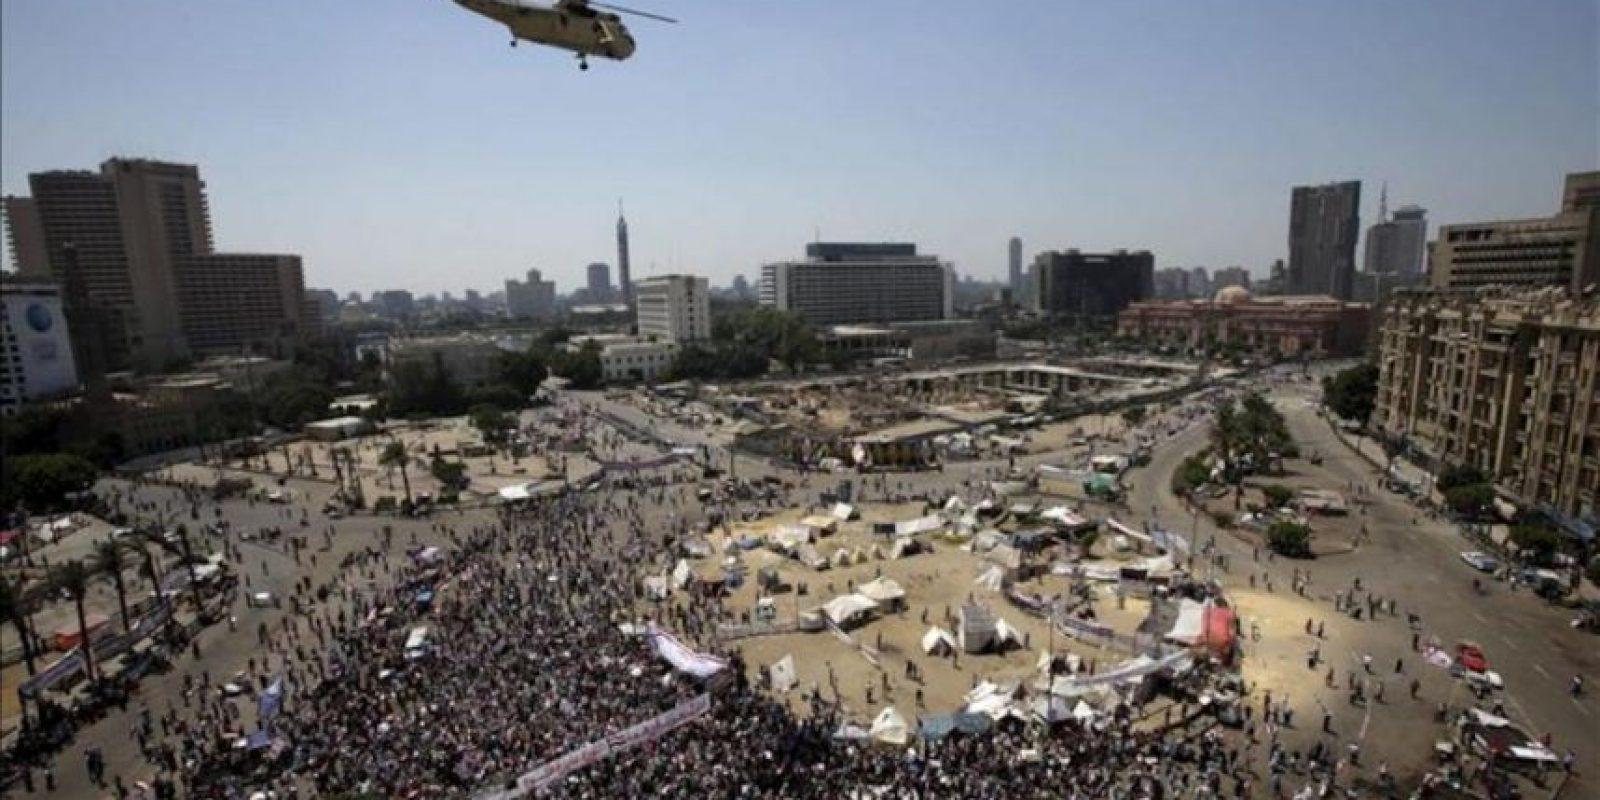 Manifestantes rezan durante una protesta en la Plaza Tahrir en El Cairo (Egipto) hoy, jueves 26 de julio de 2013. La organización Amnistía Internacional (AI) instó a las fuerzas del orden egipcias a permanecer imparciales y a proteger a todos los ciudadanos, con motivo de las protestas convocadas para hoy por partidarios y detractores del depuesto presidente Mohamed Mursi. EFE